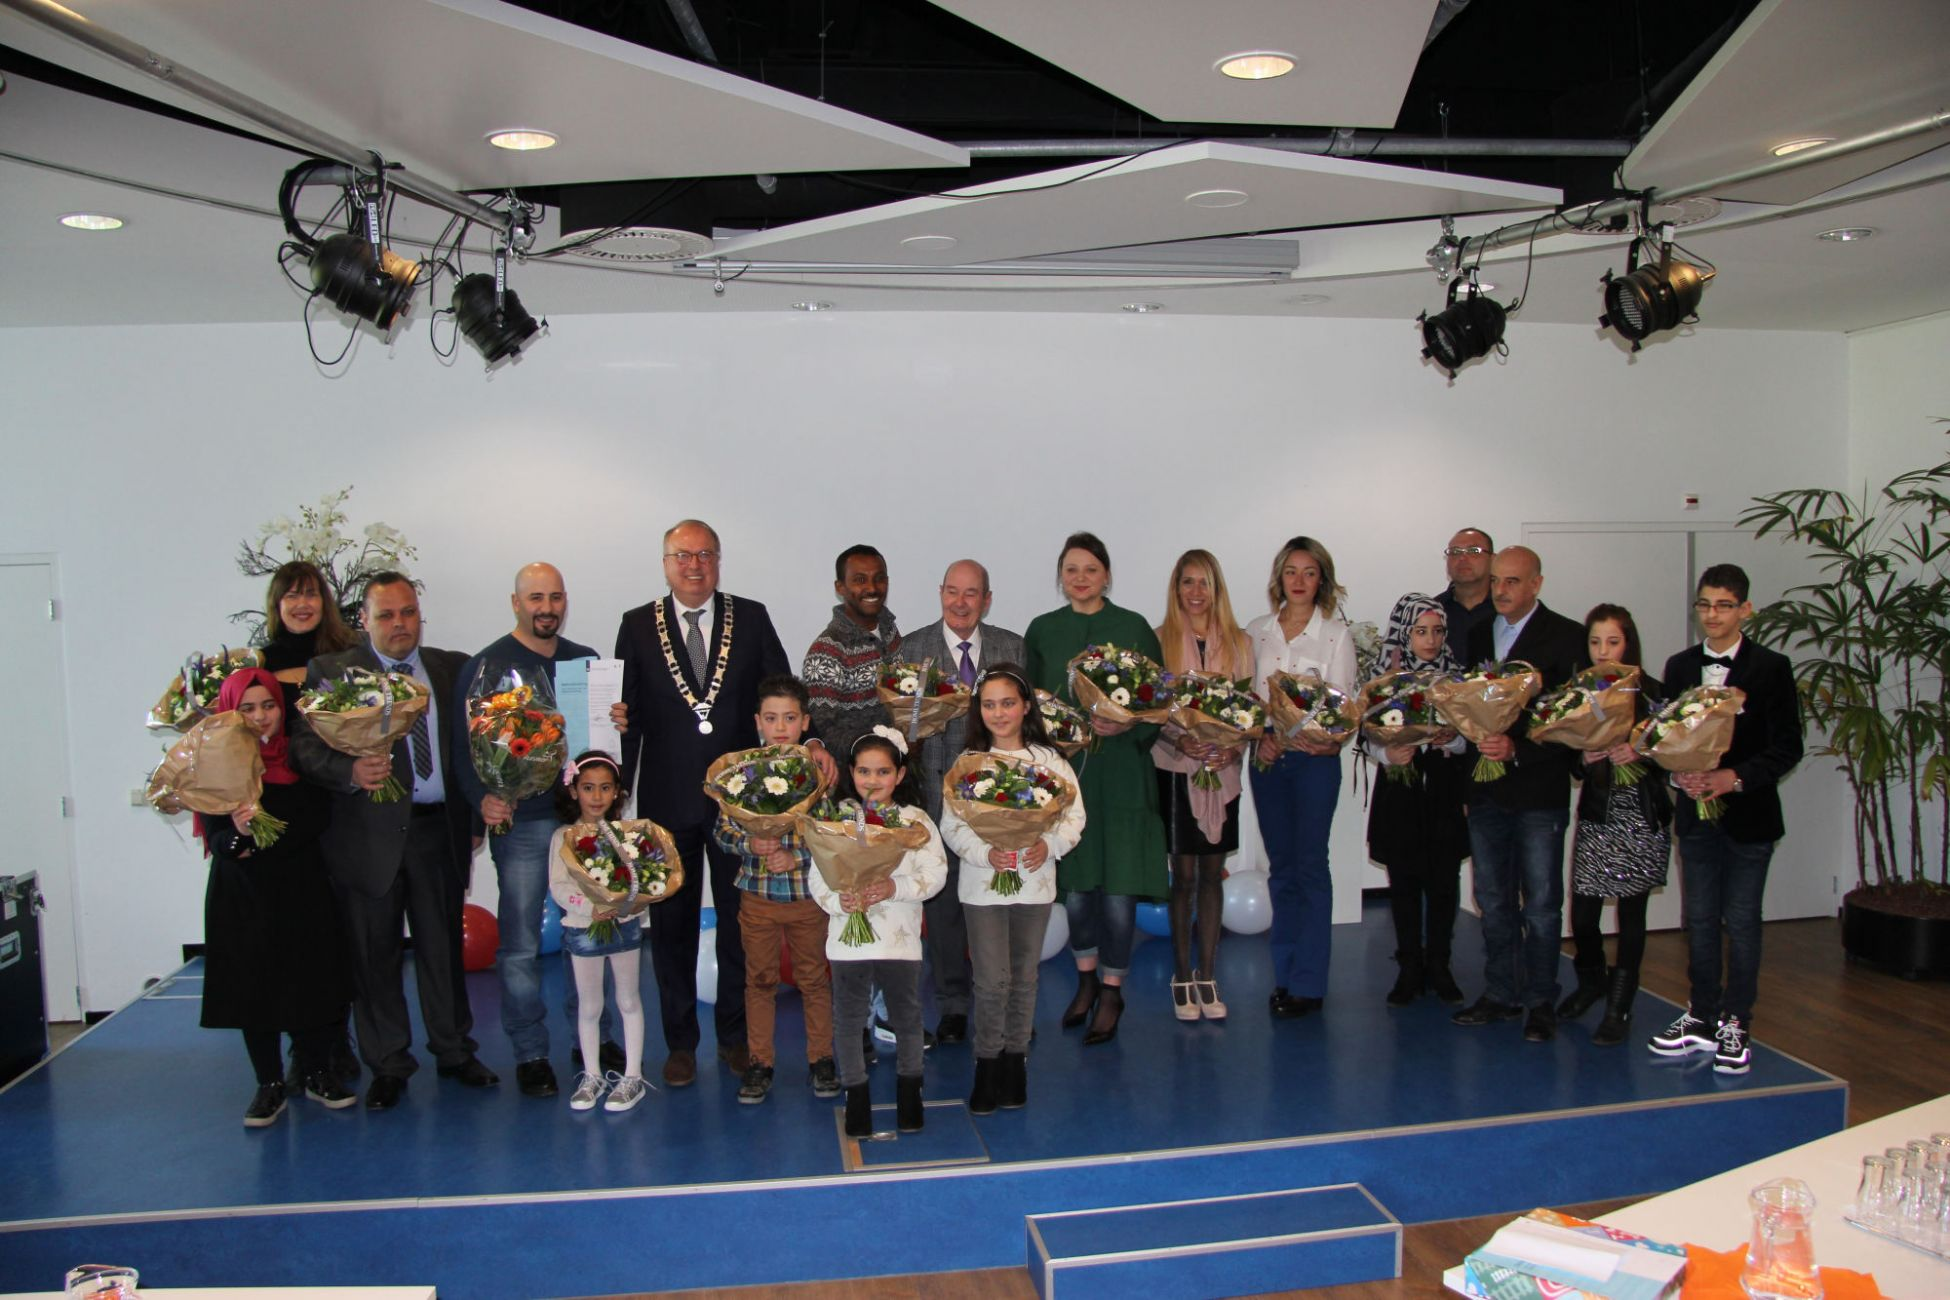 e1c867fd517 boeren kalender 2015 Burgemeester Van der Velden leidt feestelijke  naturalisatieceremonie